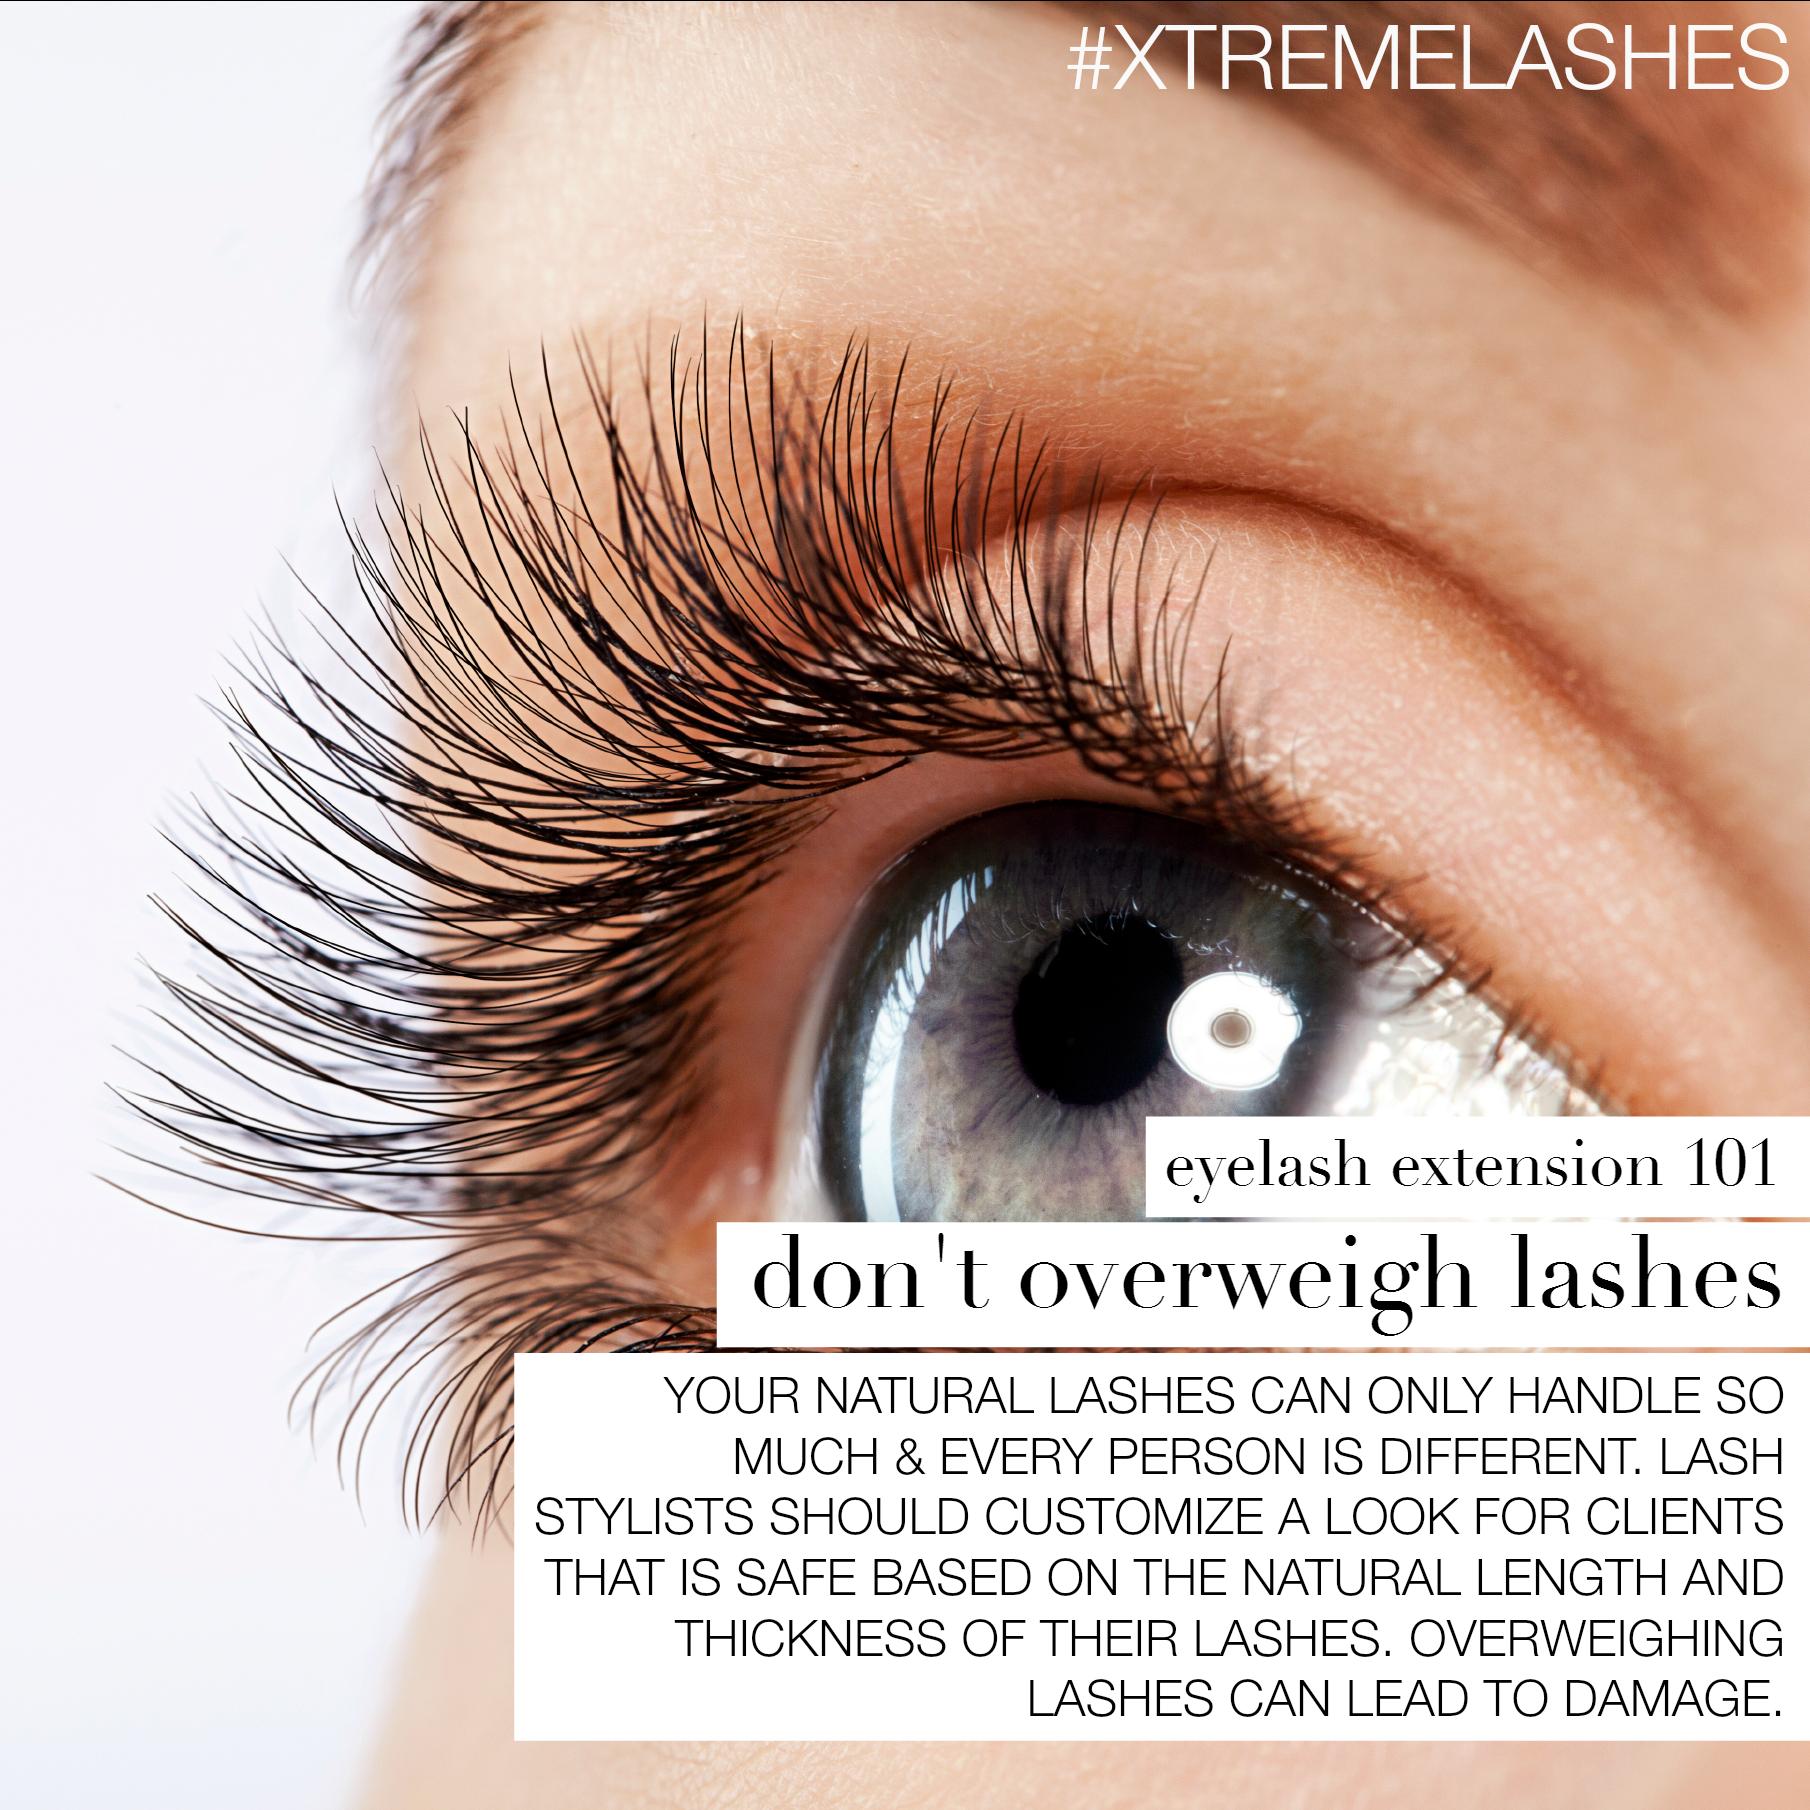 Eyelash Extension 101 By Xtreme Lashes All Things Eyelash